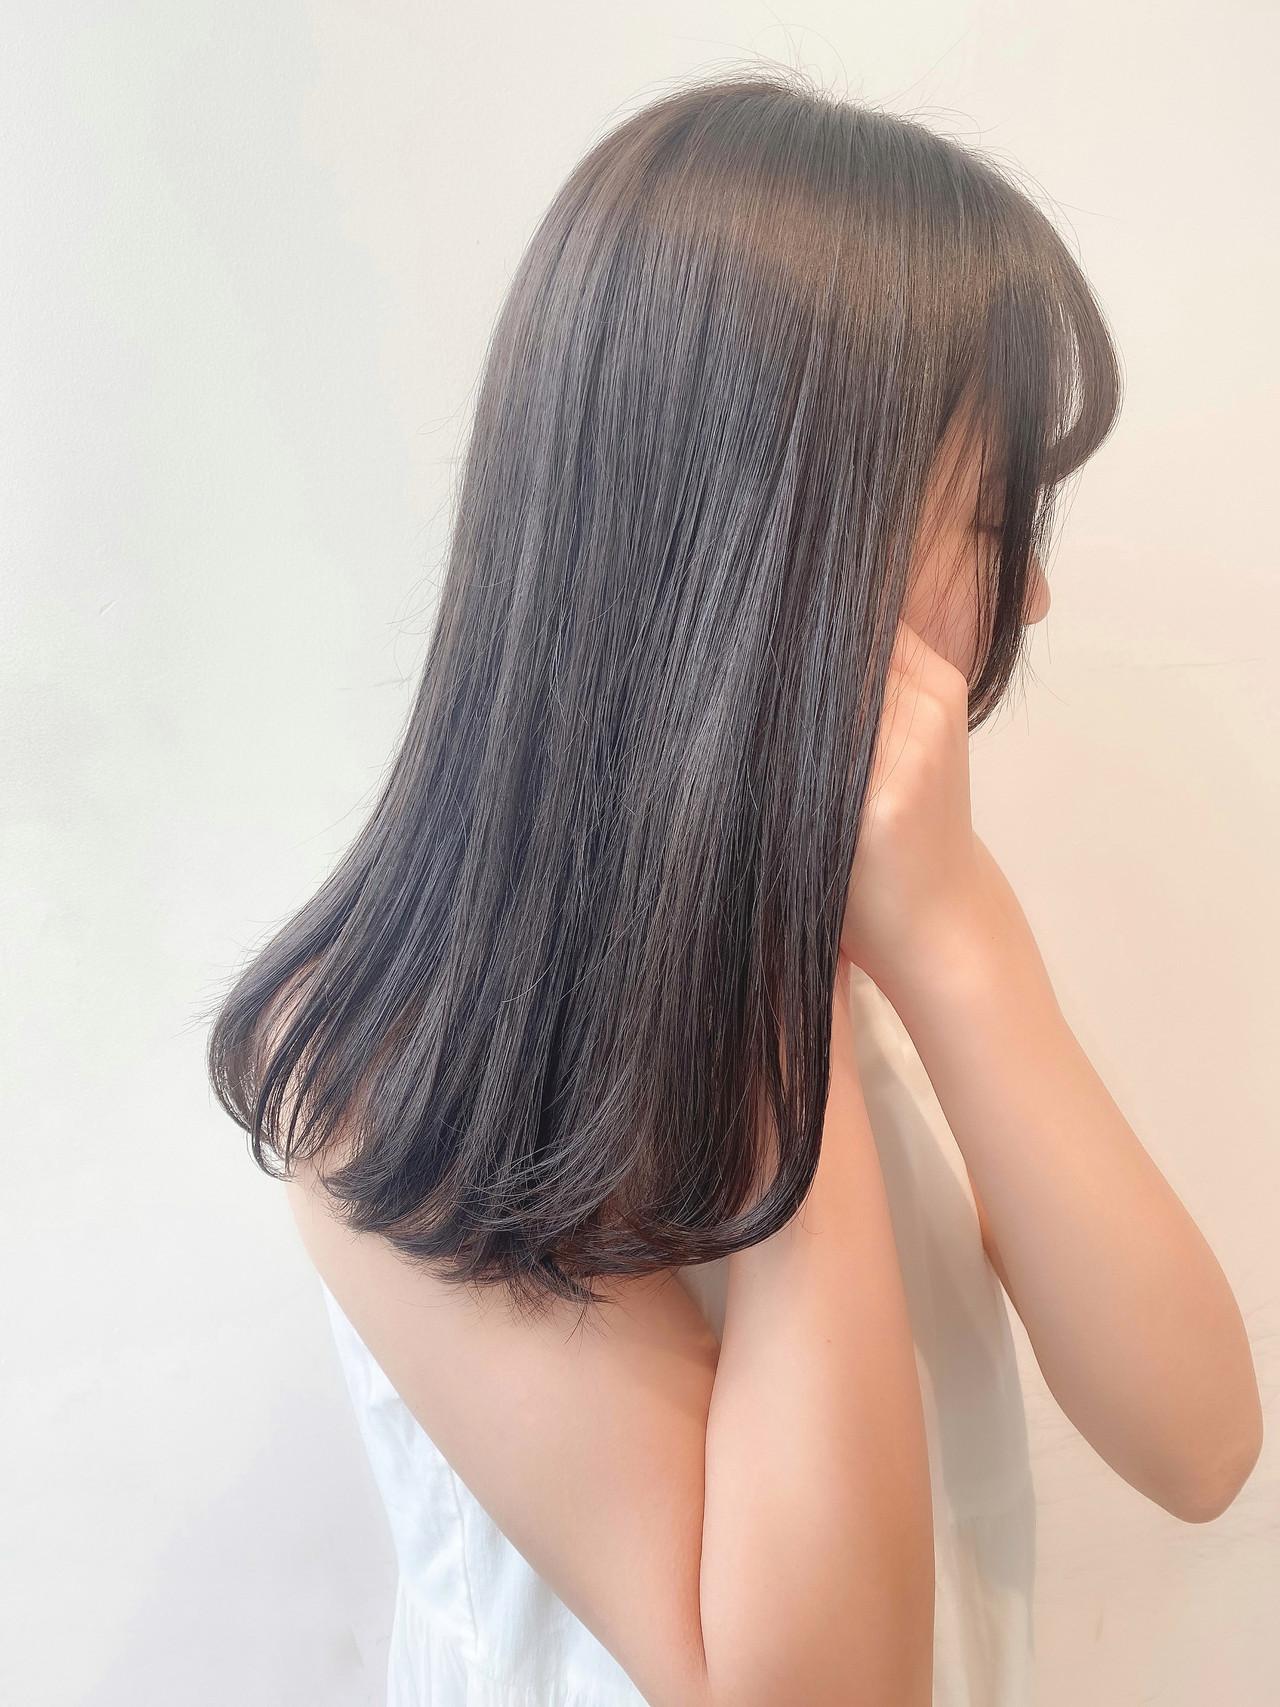 ブリーチなし オリーブグレージュ セミロング ミントアッシュ ヘアスタイルや髪型の写真・画像